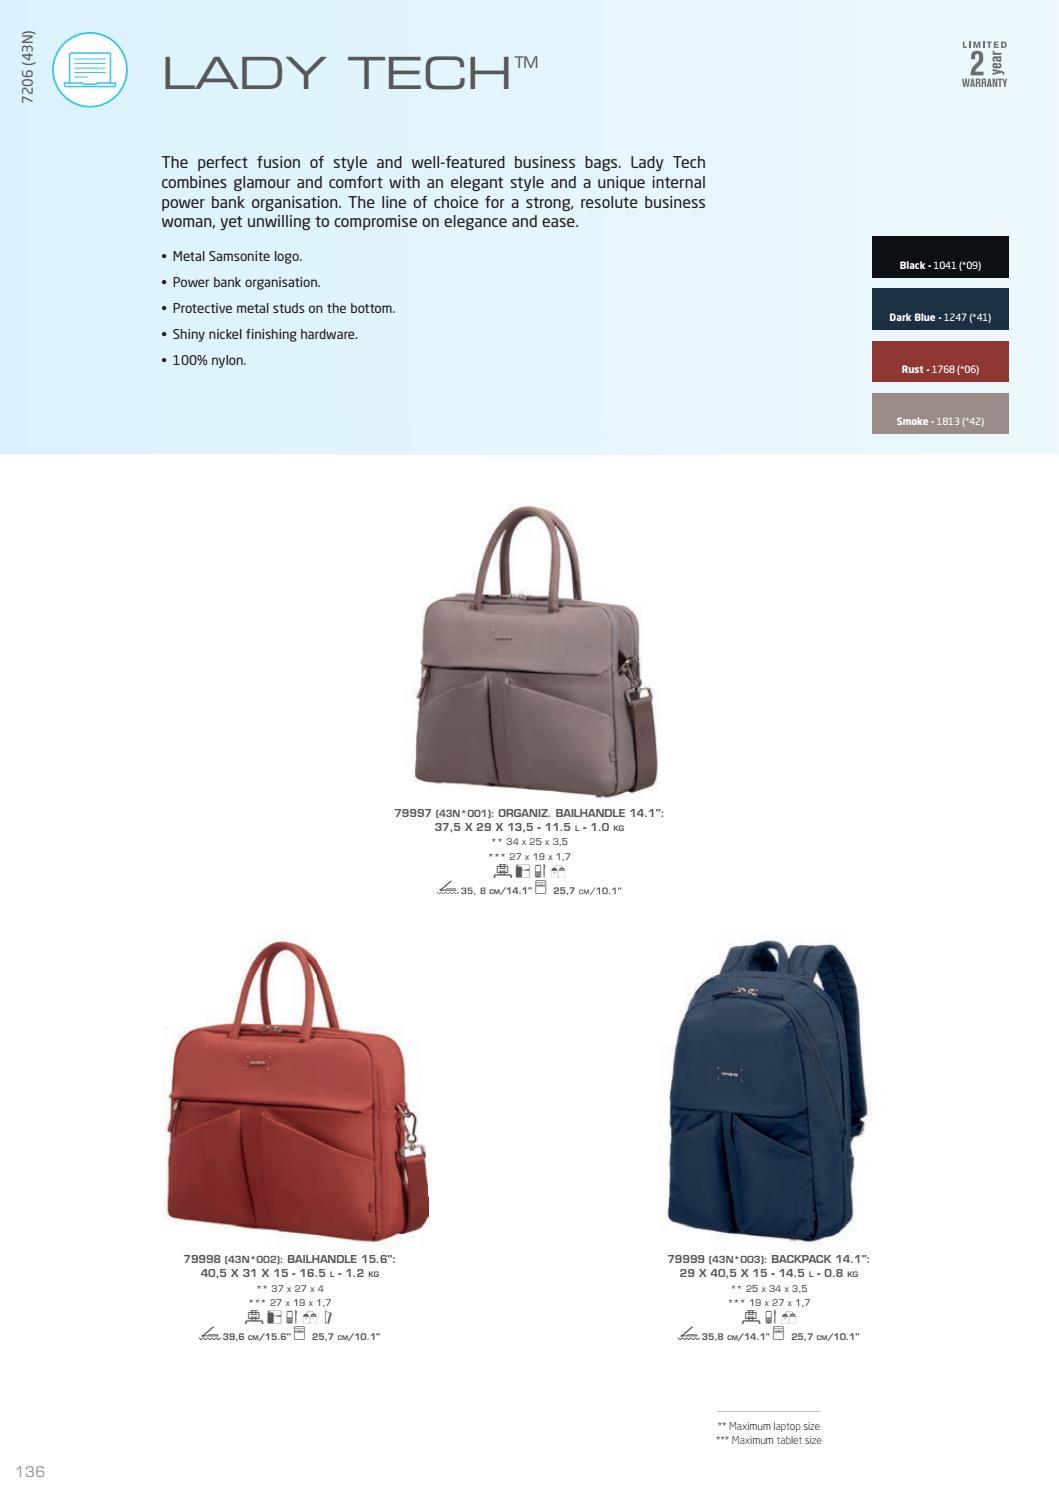 Samsonite liikelahjat 2018 by Mediawear issuu